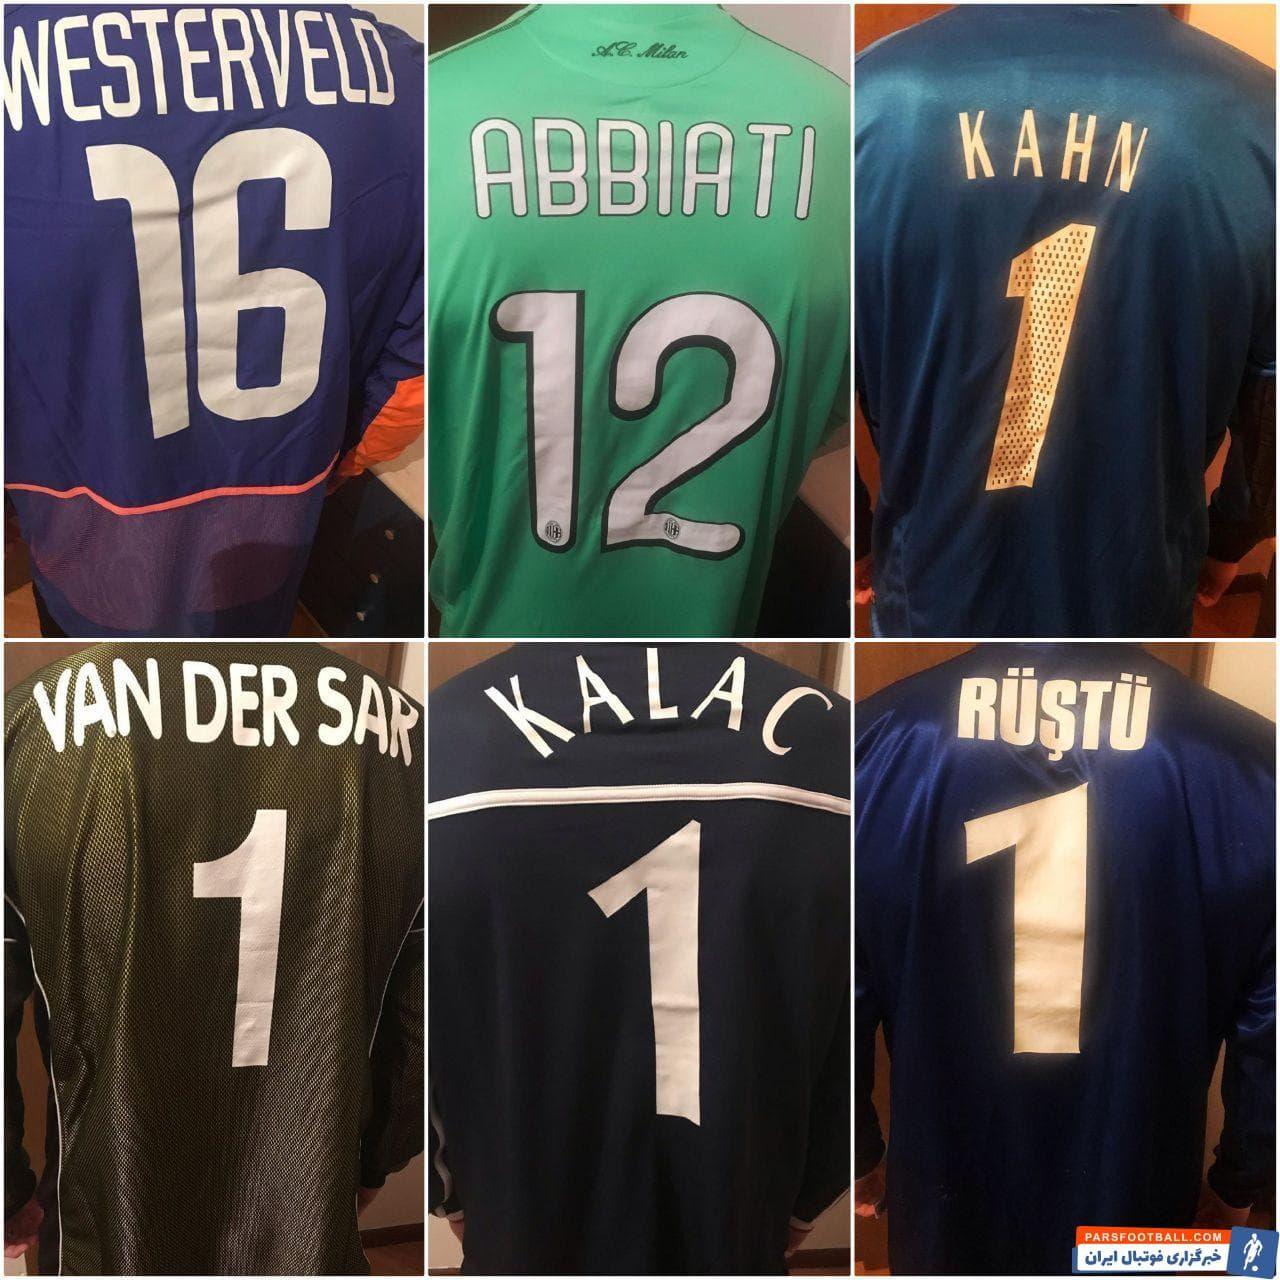 رادوشوویچ دروازهبان تیم فوتبال پرسپولیس که این روزها دوره قرنطینه و تعطیلی فوتبال را در کشورش کرواسی سپری میکند، تصاویری را از کیت هایی منتشر کرده.